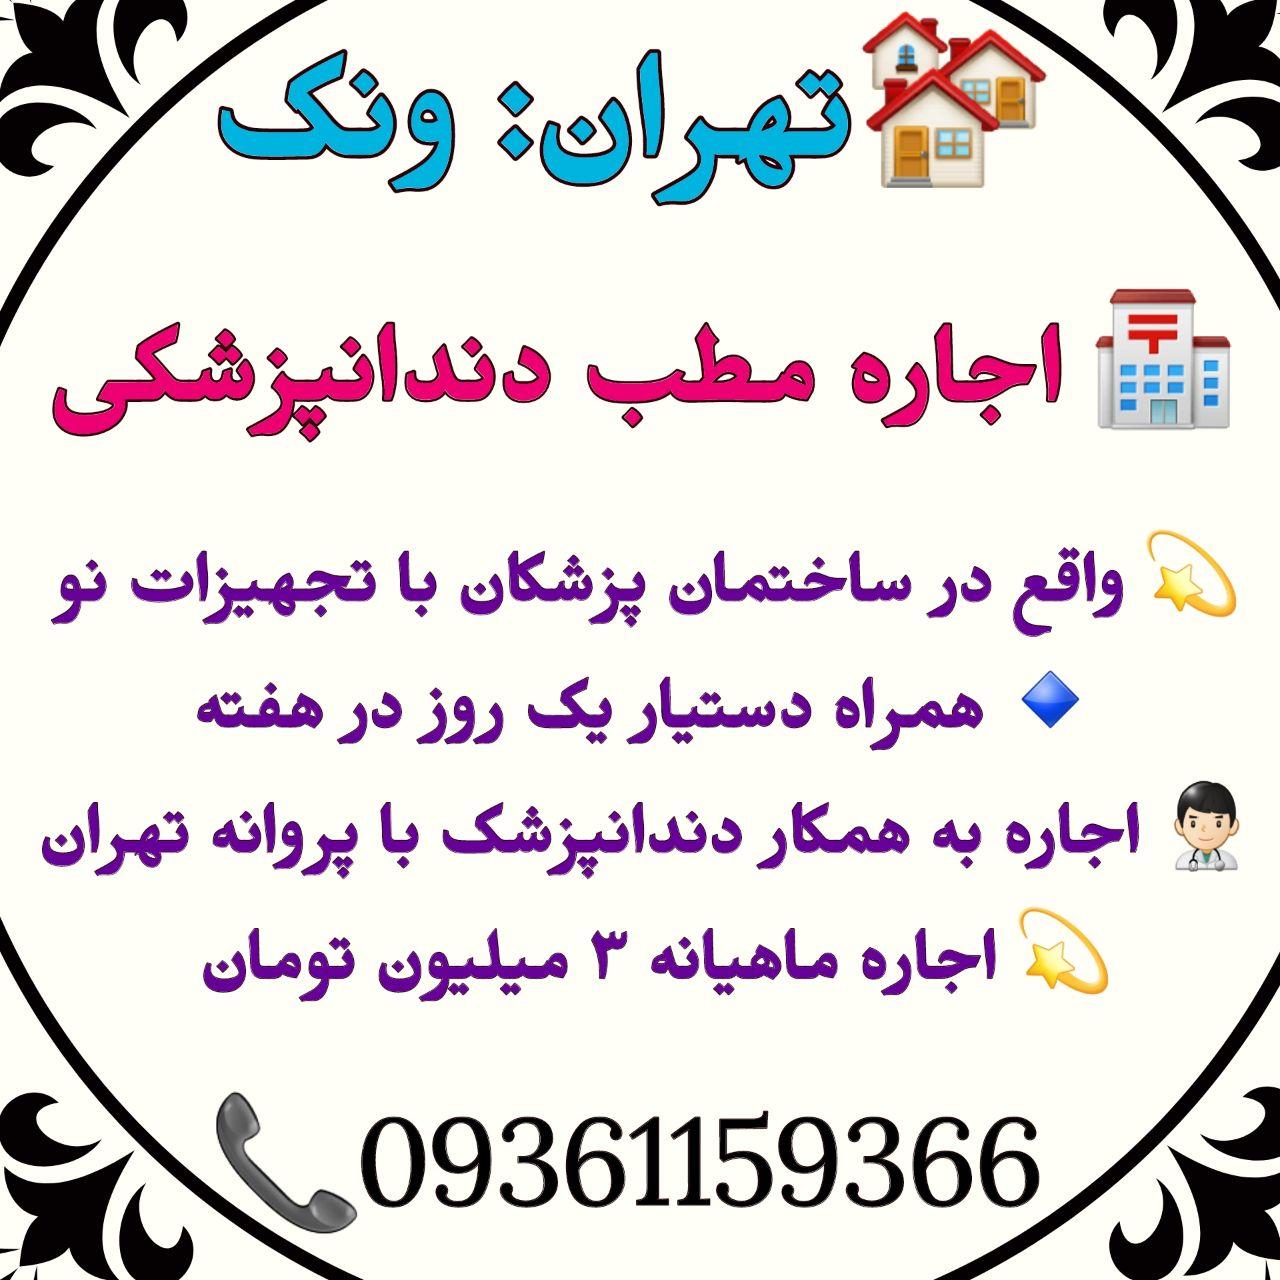 تهران: ونک، اجاره مطب دندانپزشکی